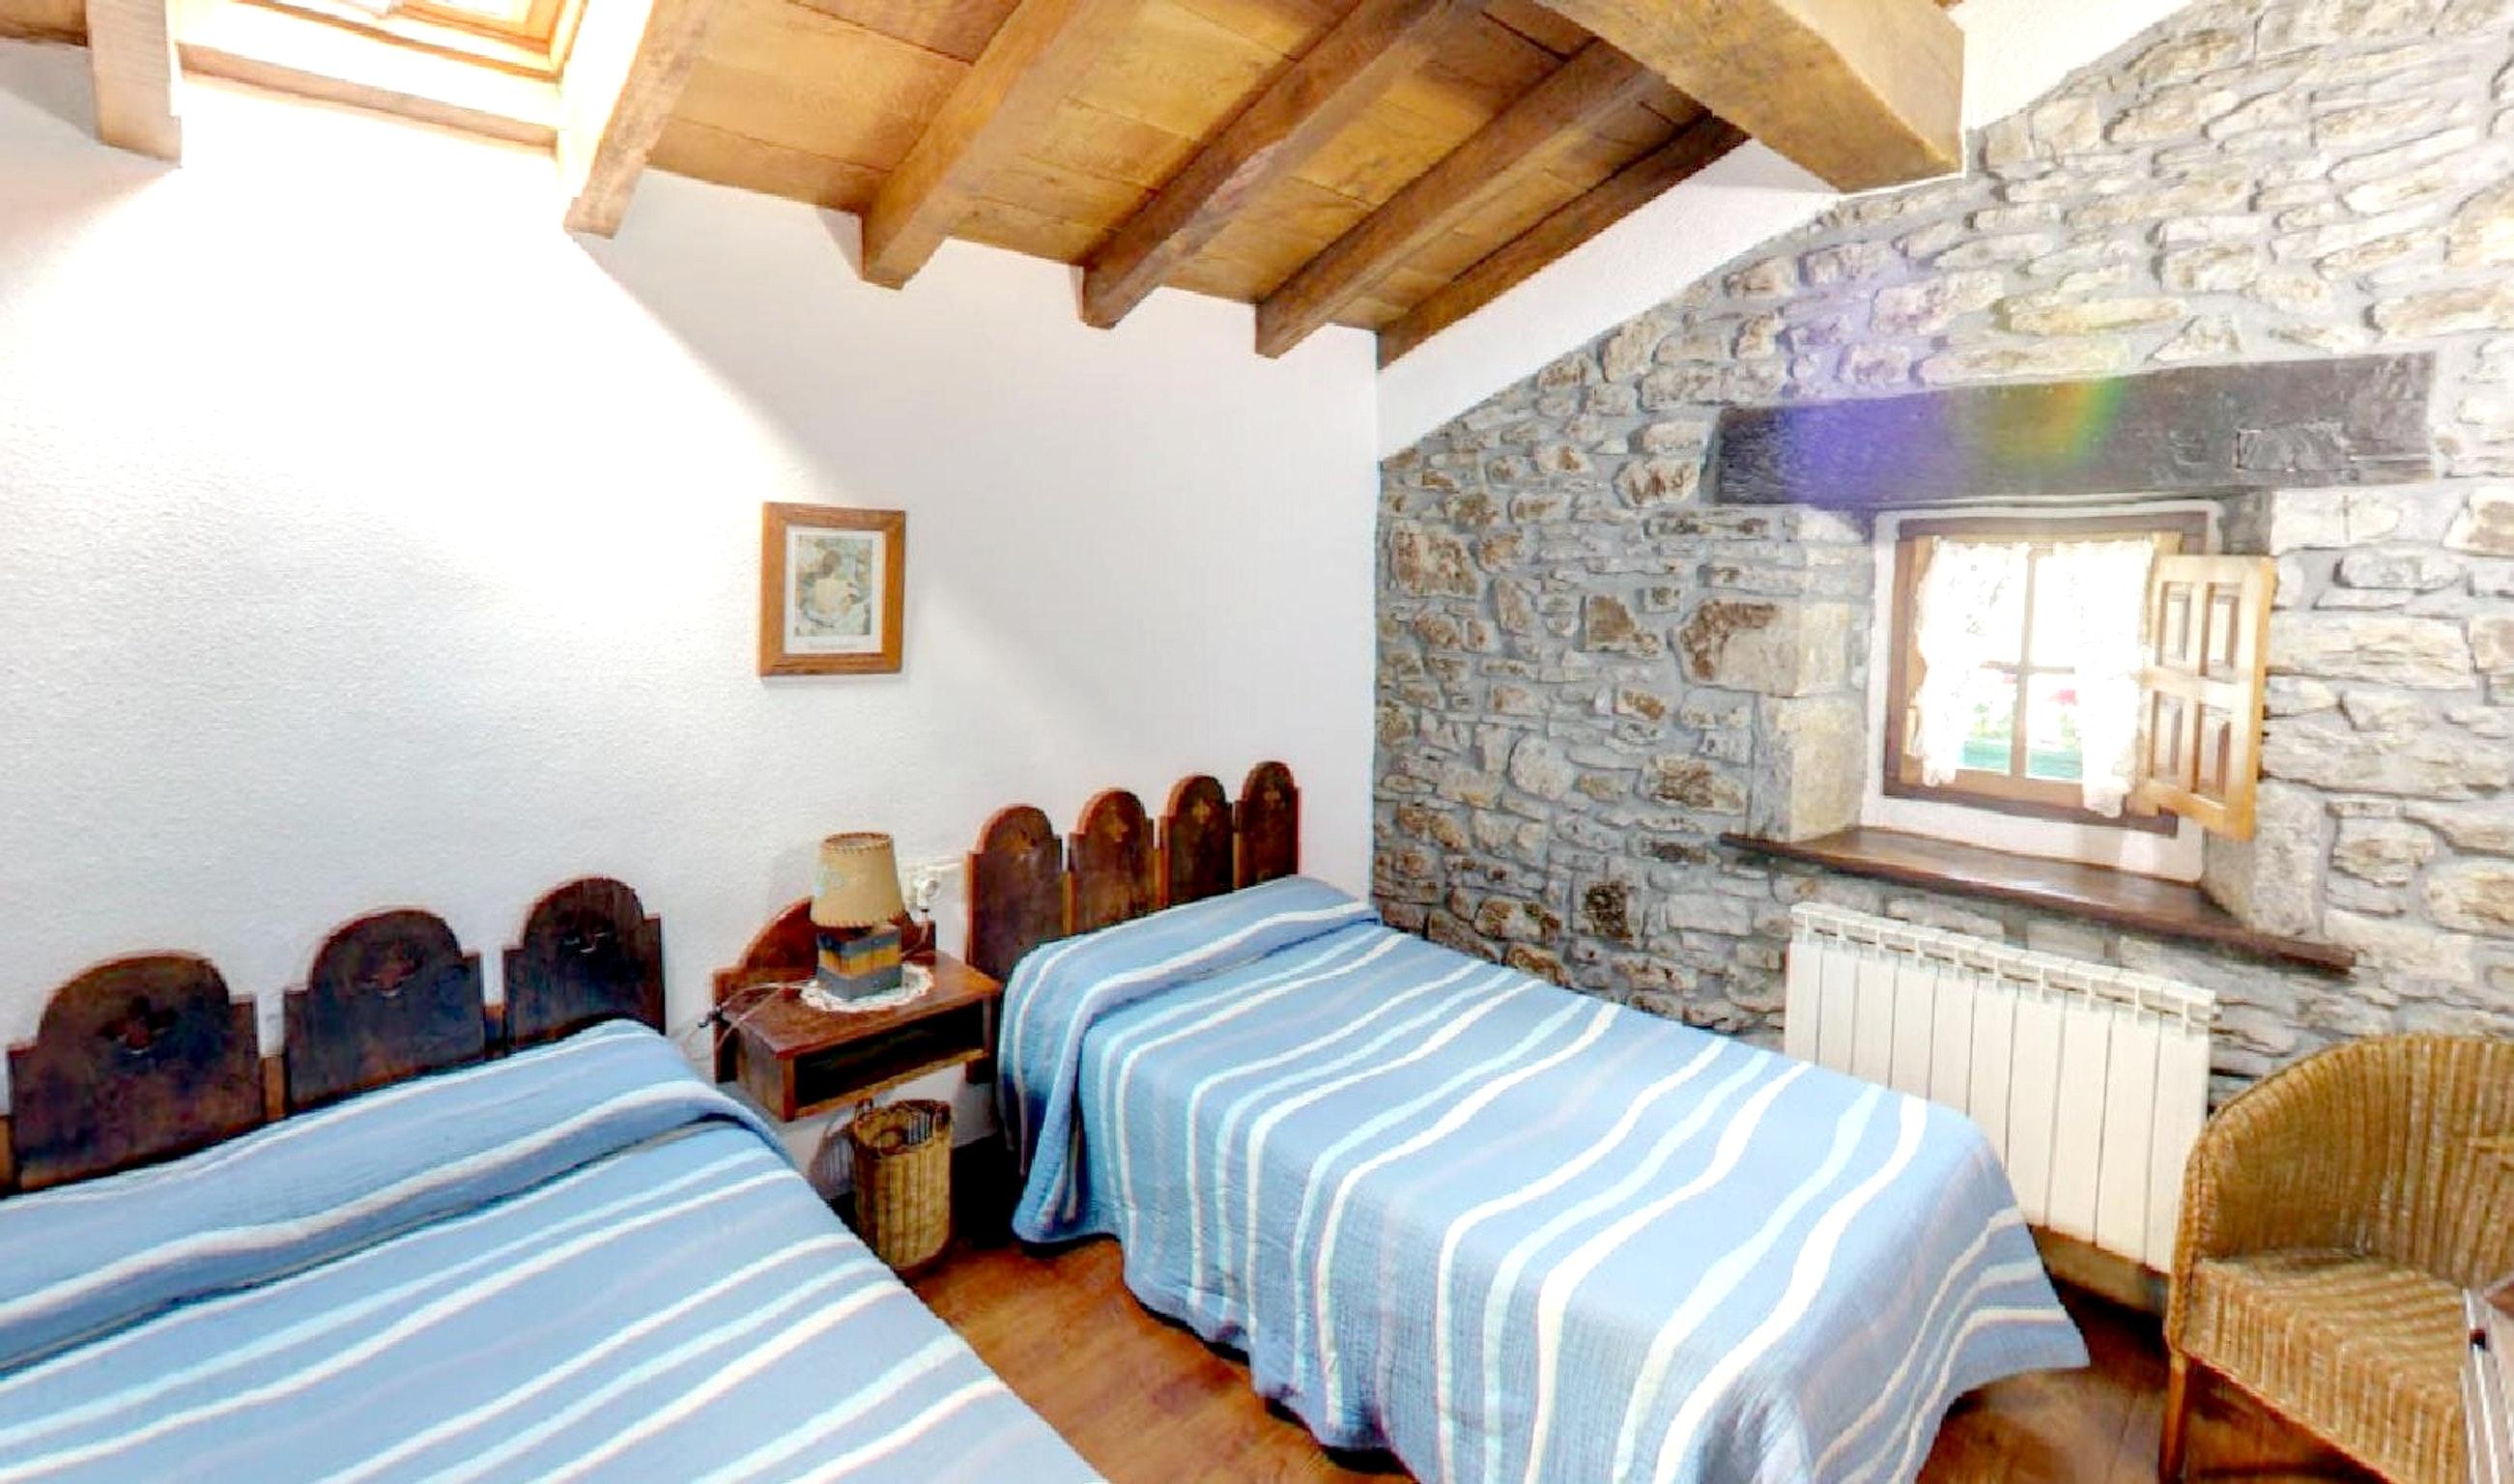 Ferienhaus Haus mit 6 Schlafzimmern in Lizaso mit eingezäuntem Garten und W-LAN - 500 m vom Strand en (2599807), Lizaso, , Navarra, Spanien, Bild 18